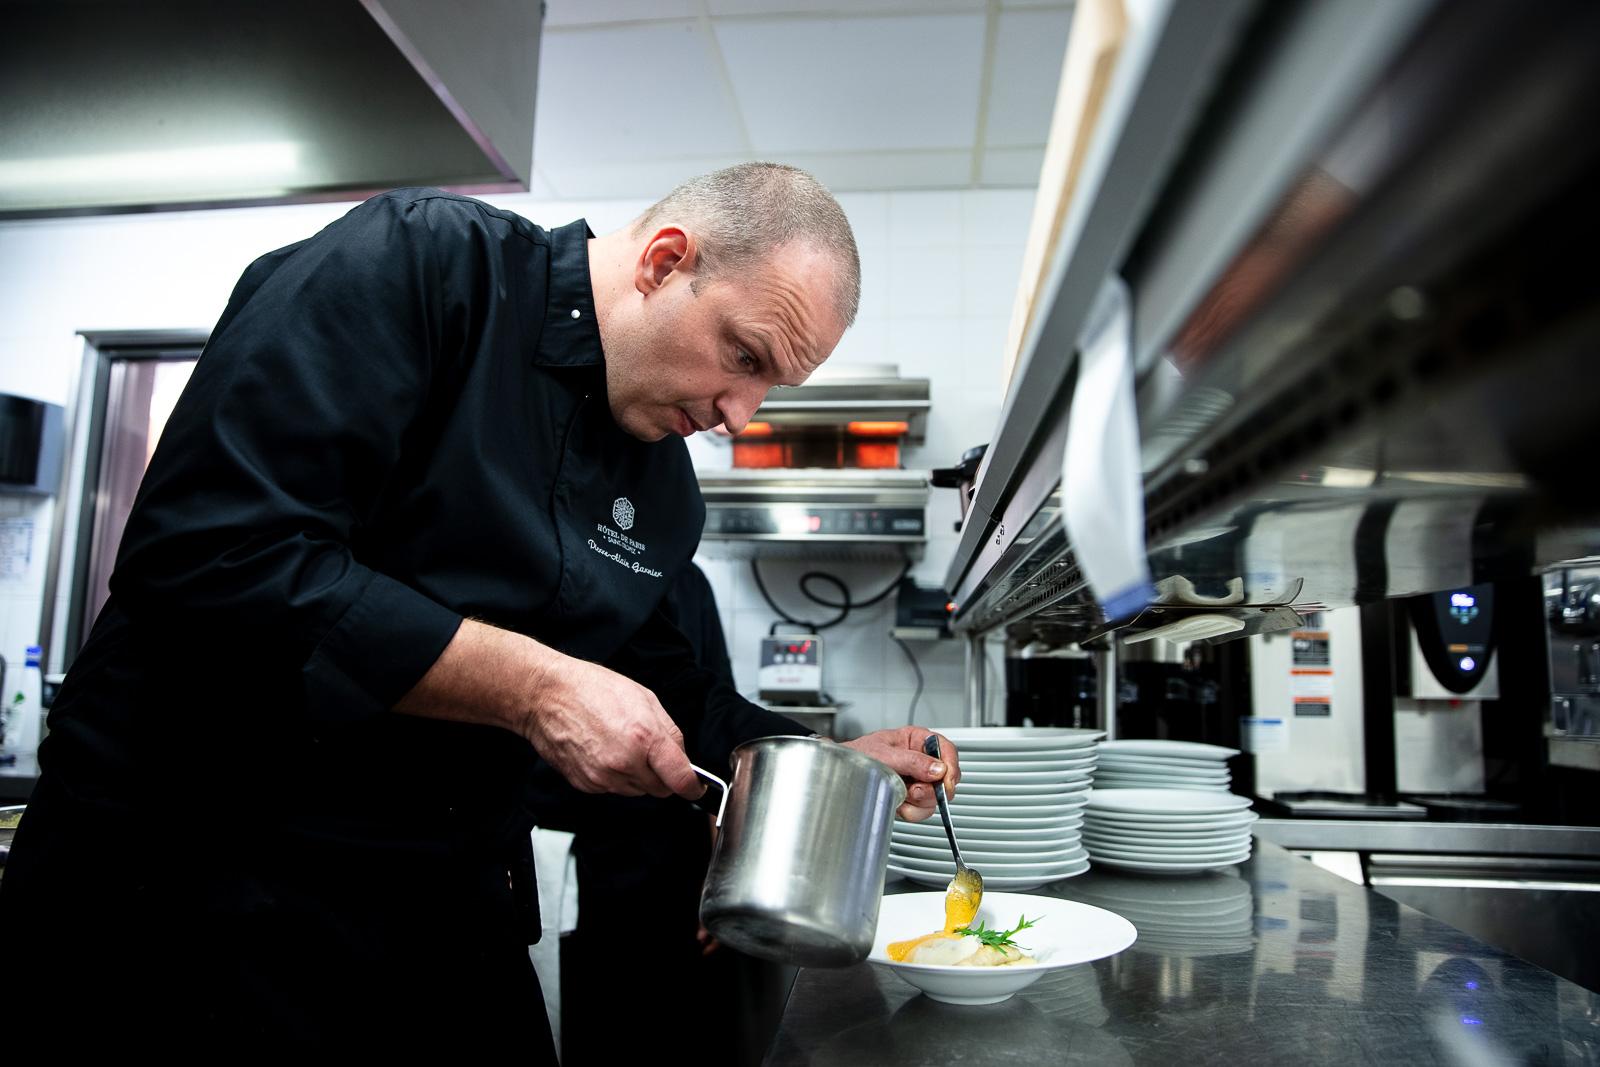 Franck_Hamel_Hotel_de_Paris_valerie_paumelle_agent-photographe_culinaire-foodphotographer (8).jpg